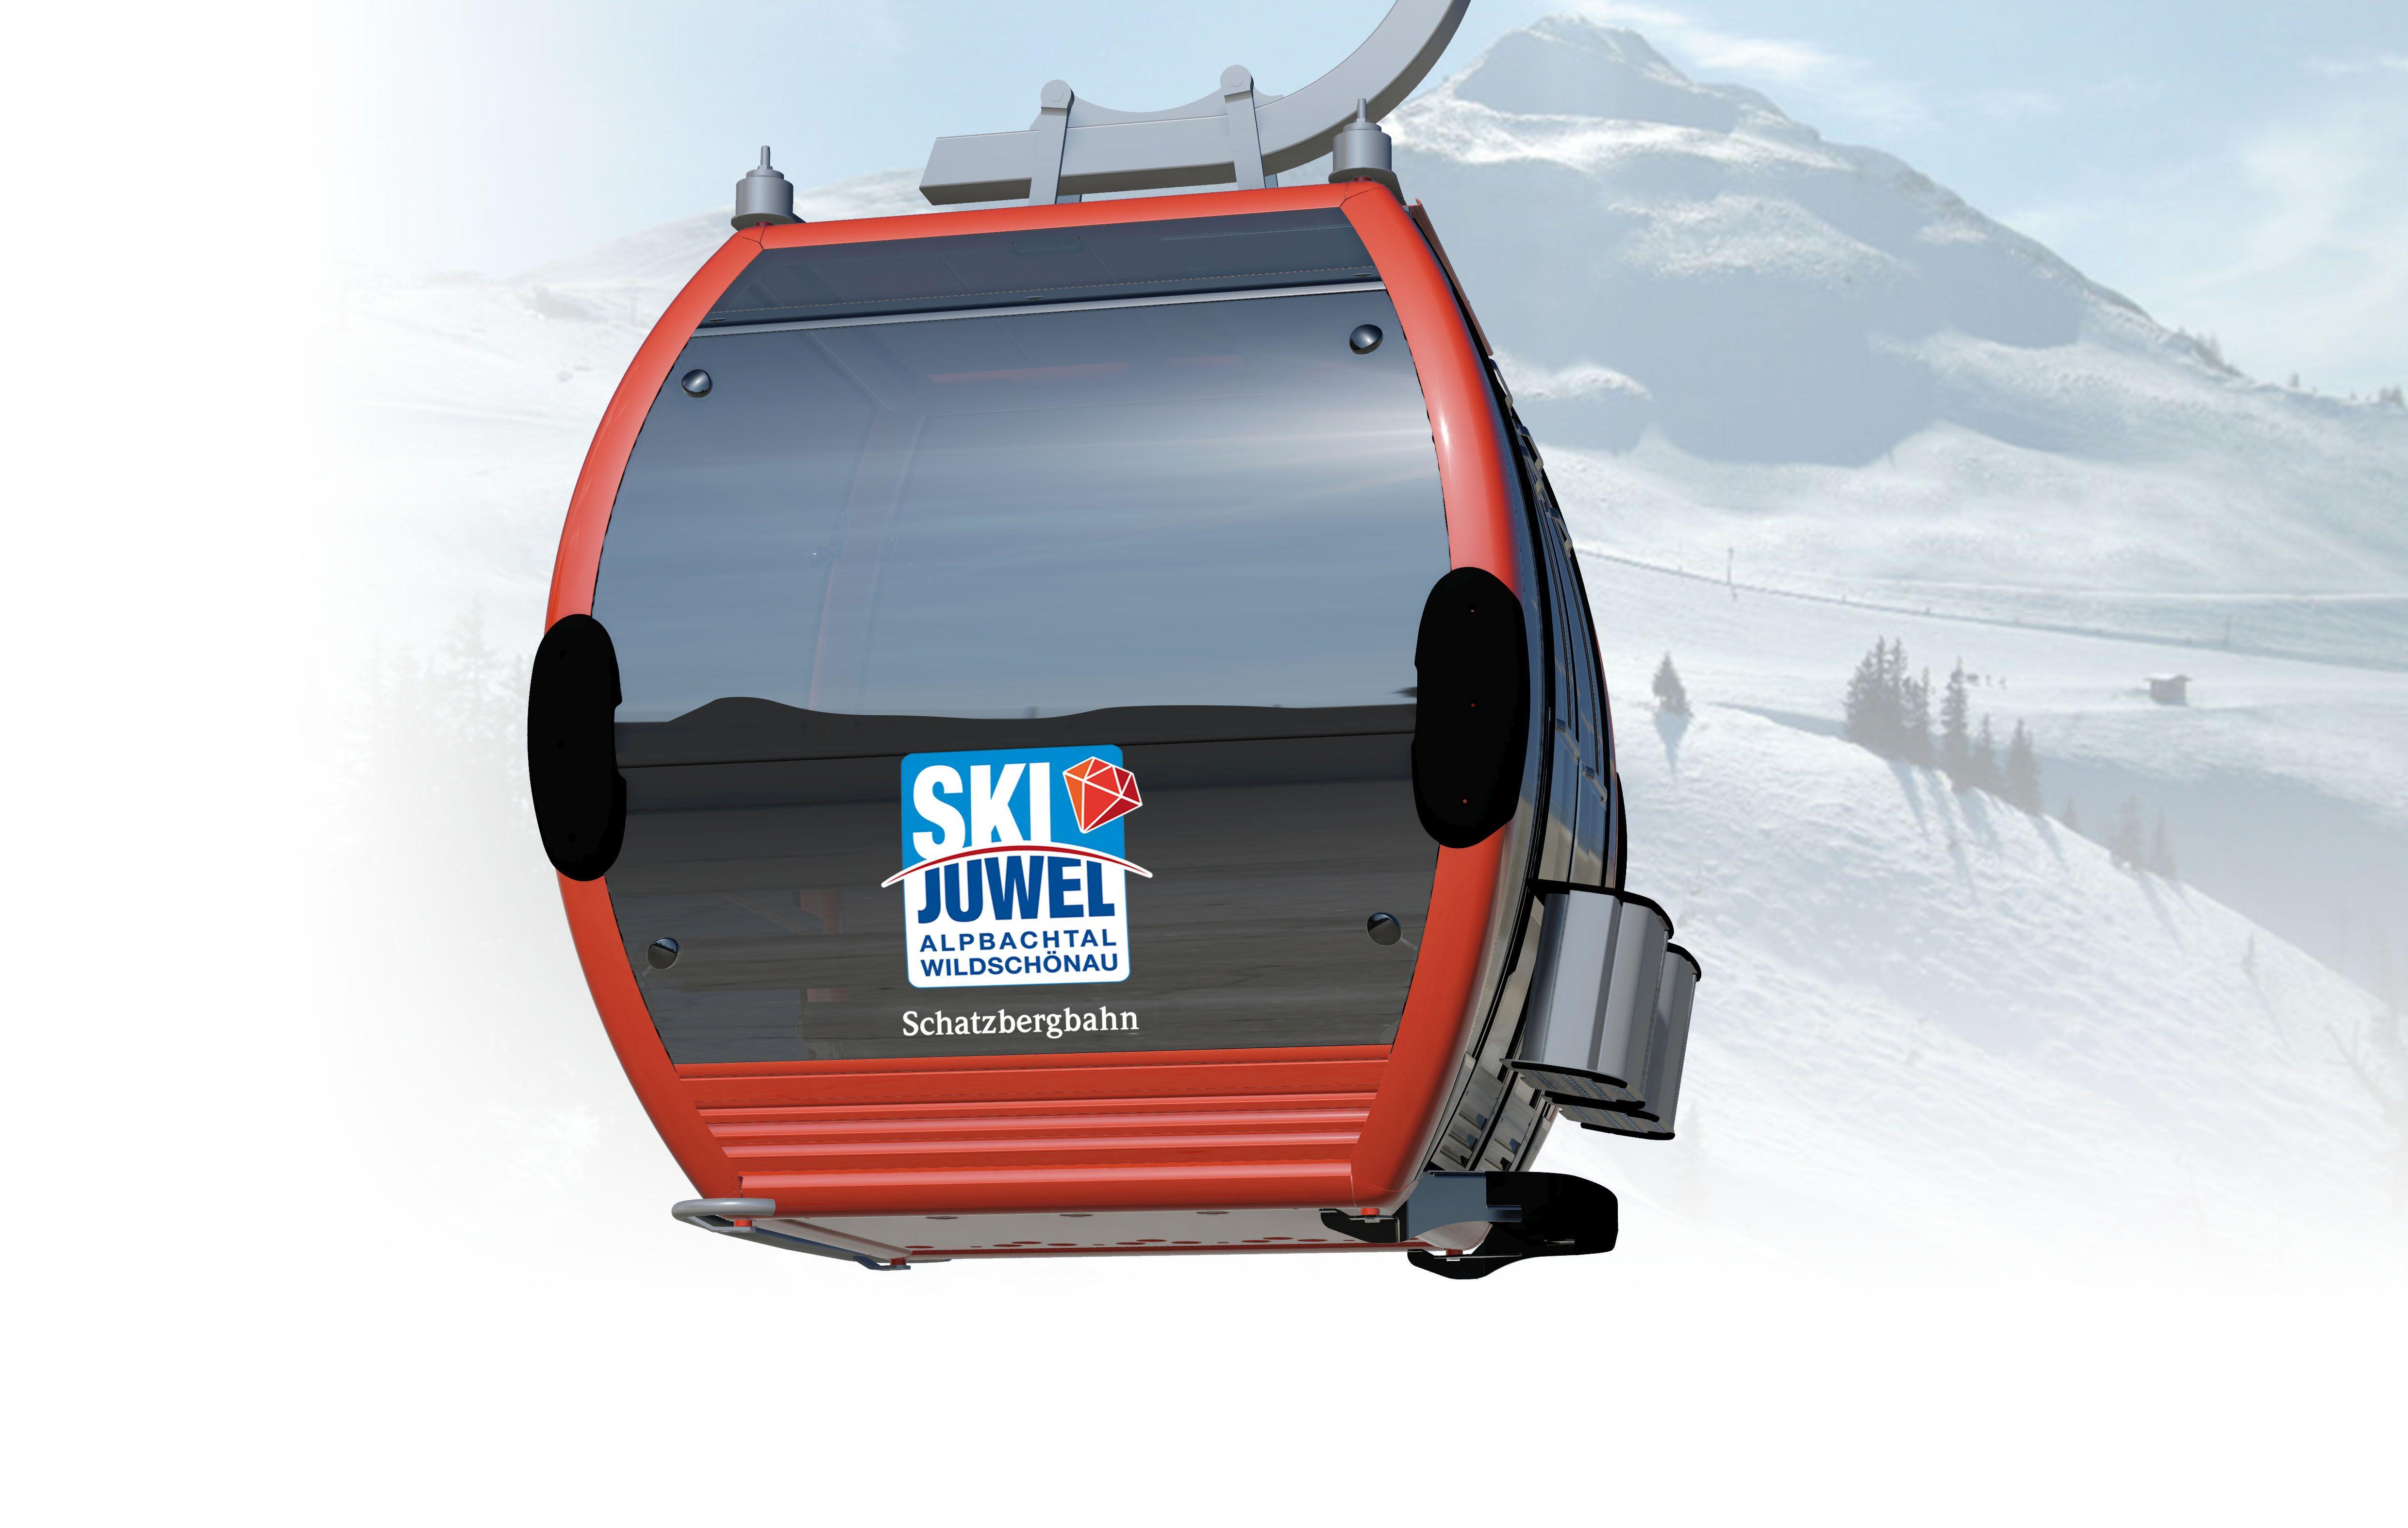 Mit der neuen Schatzbergbahn ins Skiparadies der Wildschönau gondeln. Foto: CWA Constructions SA/Corp